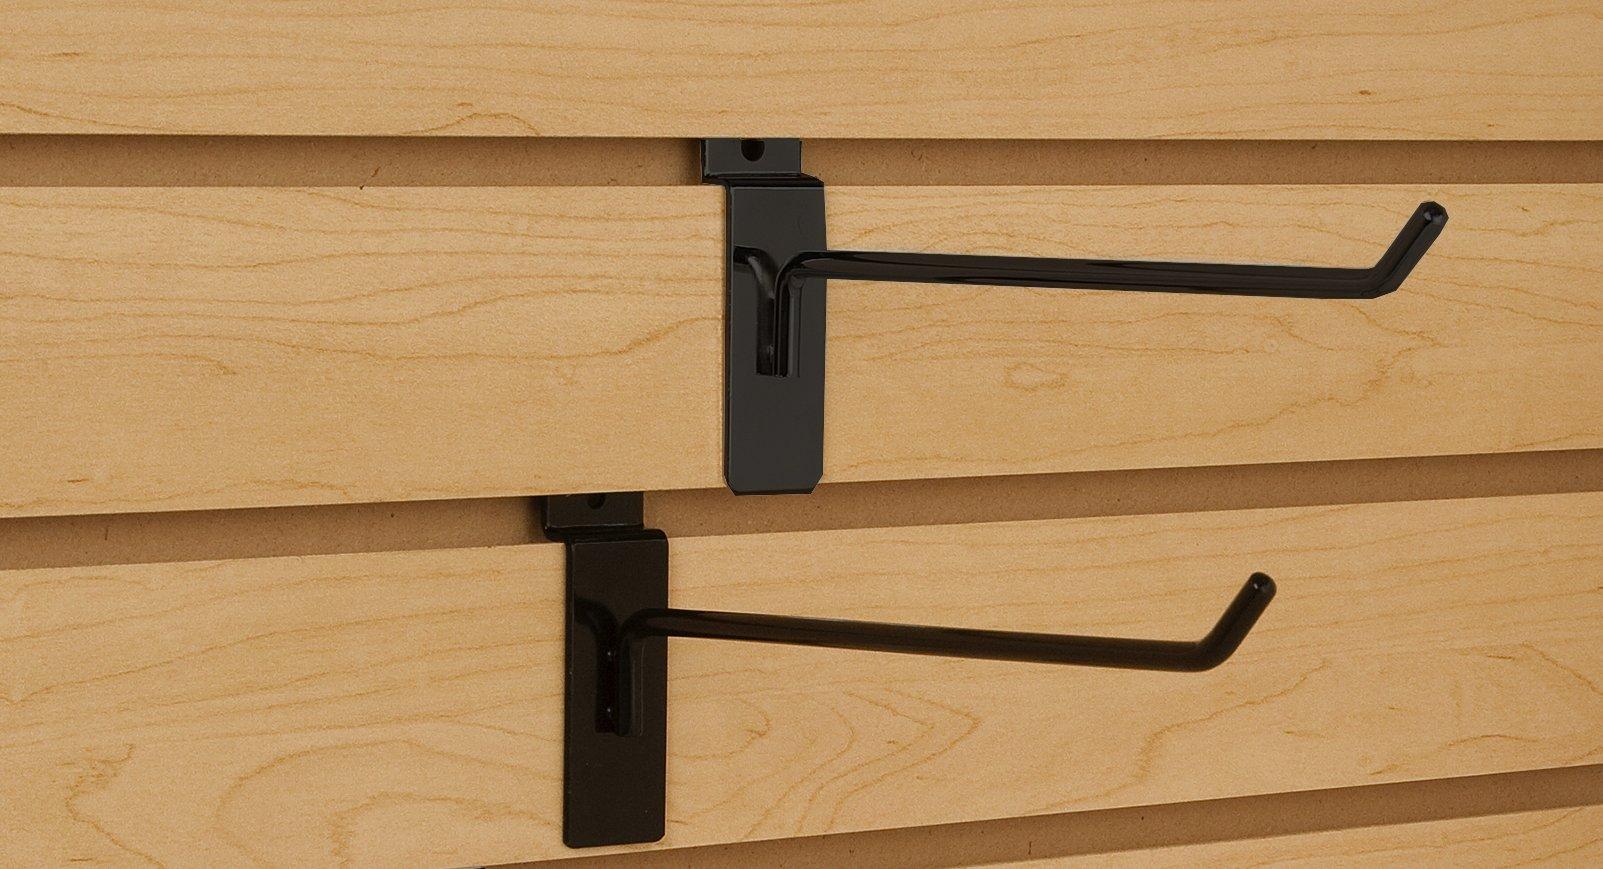 Only Garment Racks Commercial Grade Slatwall Panel Hooks - Heavy Duty Slatwall Hooks for Any Retail Display, Assortment Pack of 25 - 4'' Slatwall Hooks + 25 - 6'' Slatwall Hooks - Black Finish